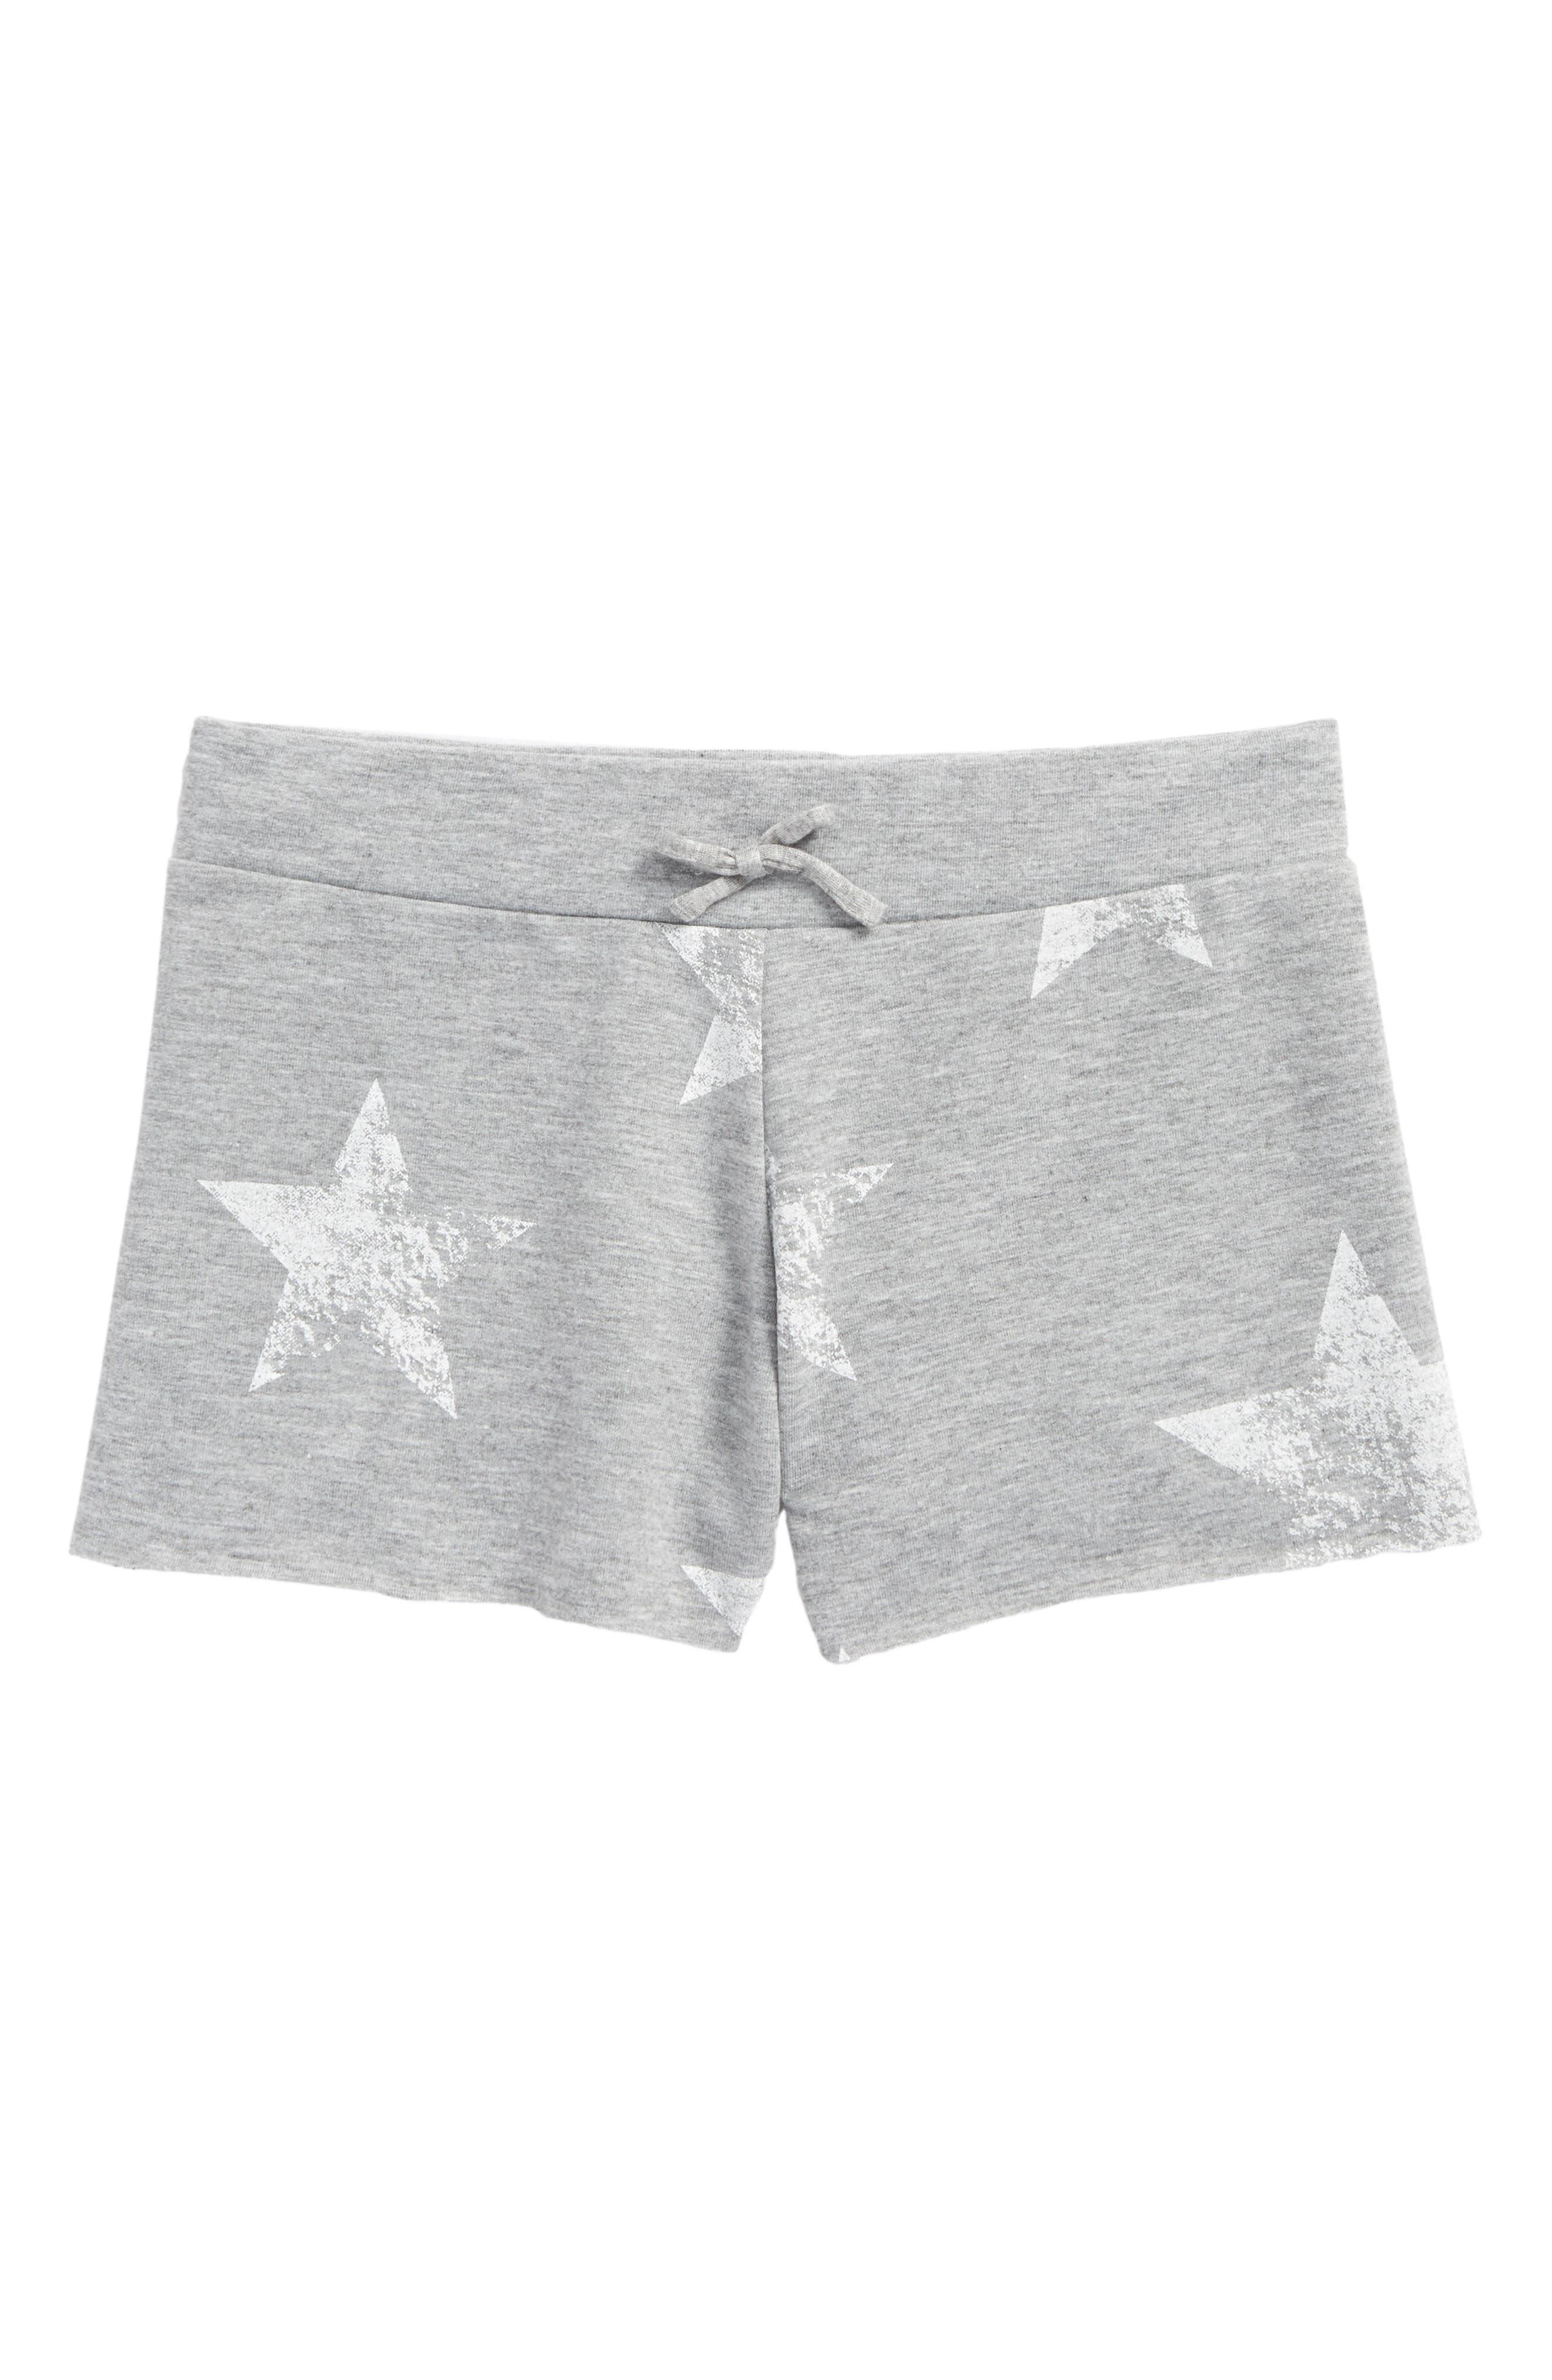 Star Print Knit Shorts,                             Main thumbnail 1, color,                             Grey Mgrwst Stars Mgrwst